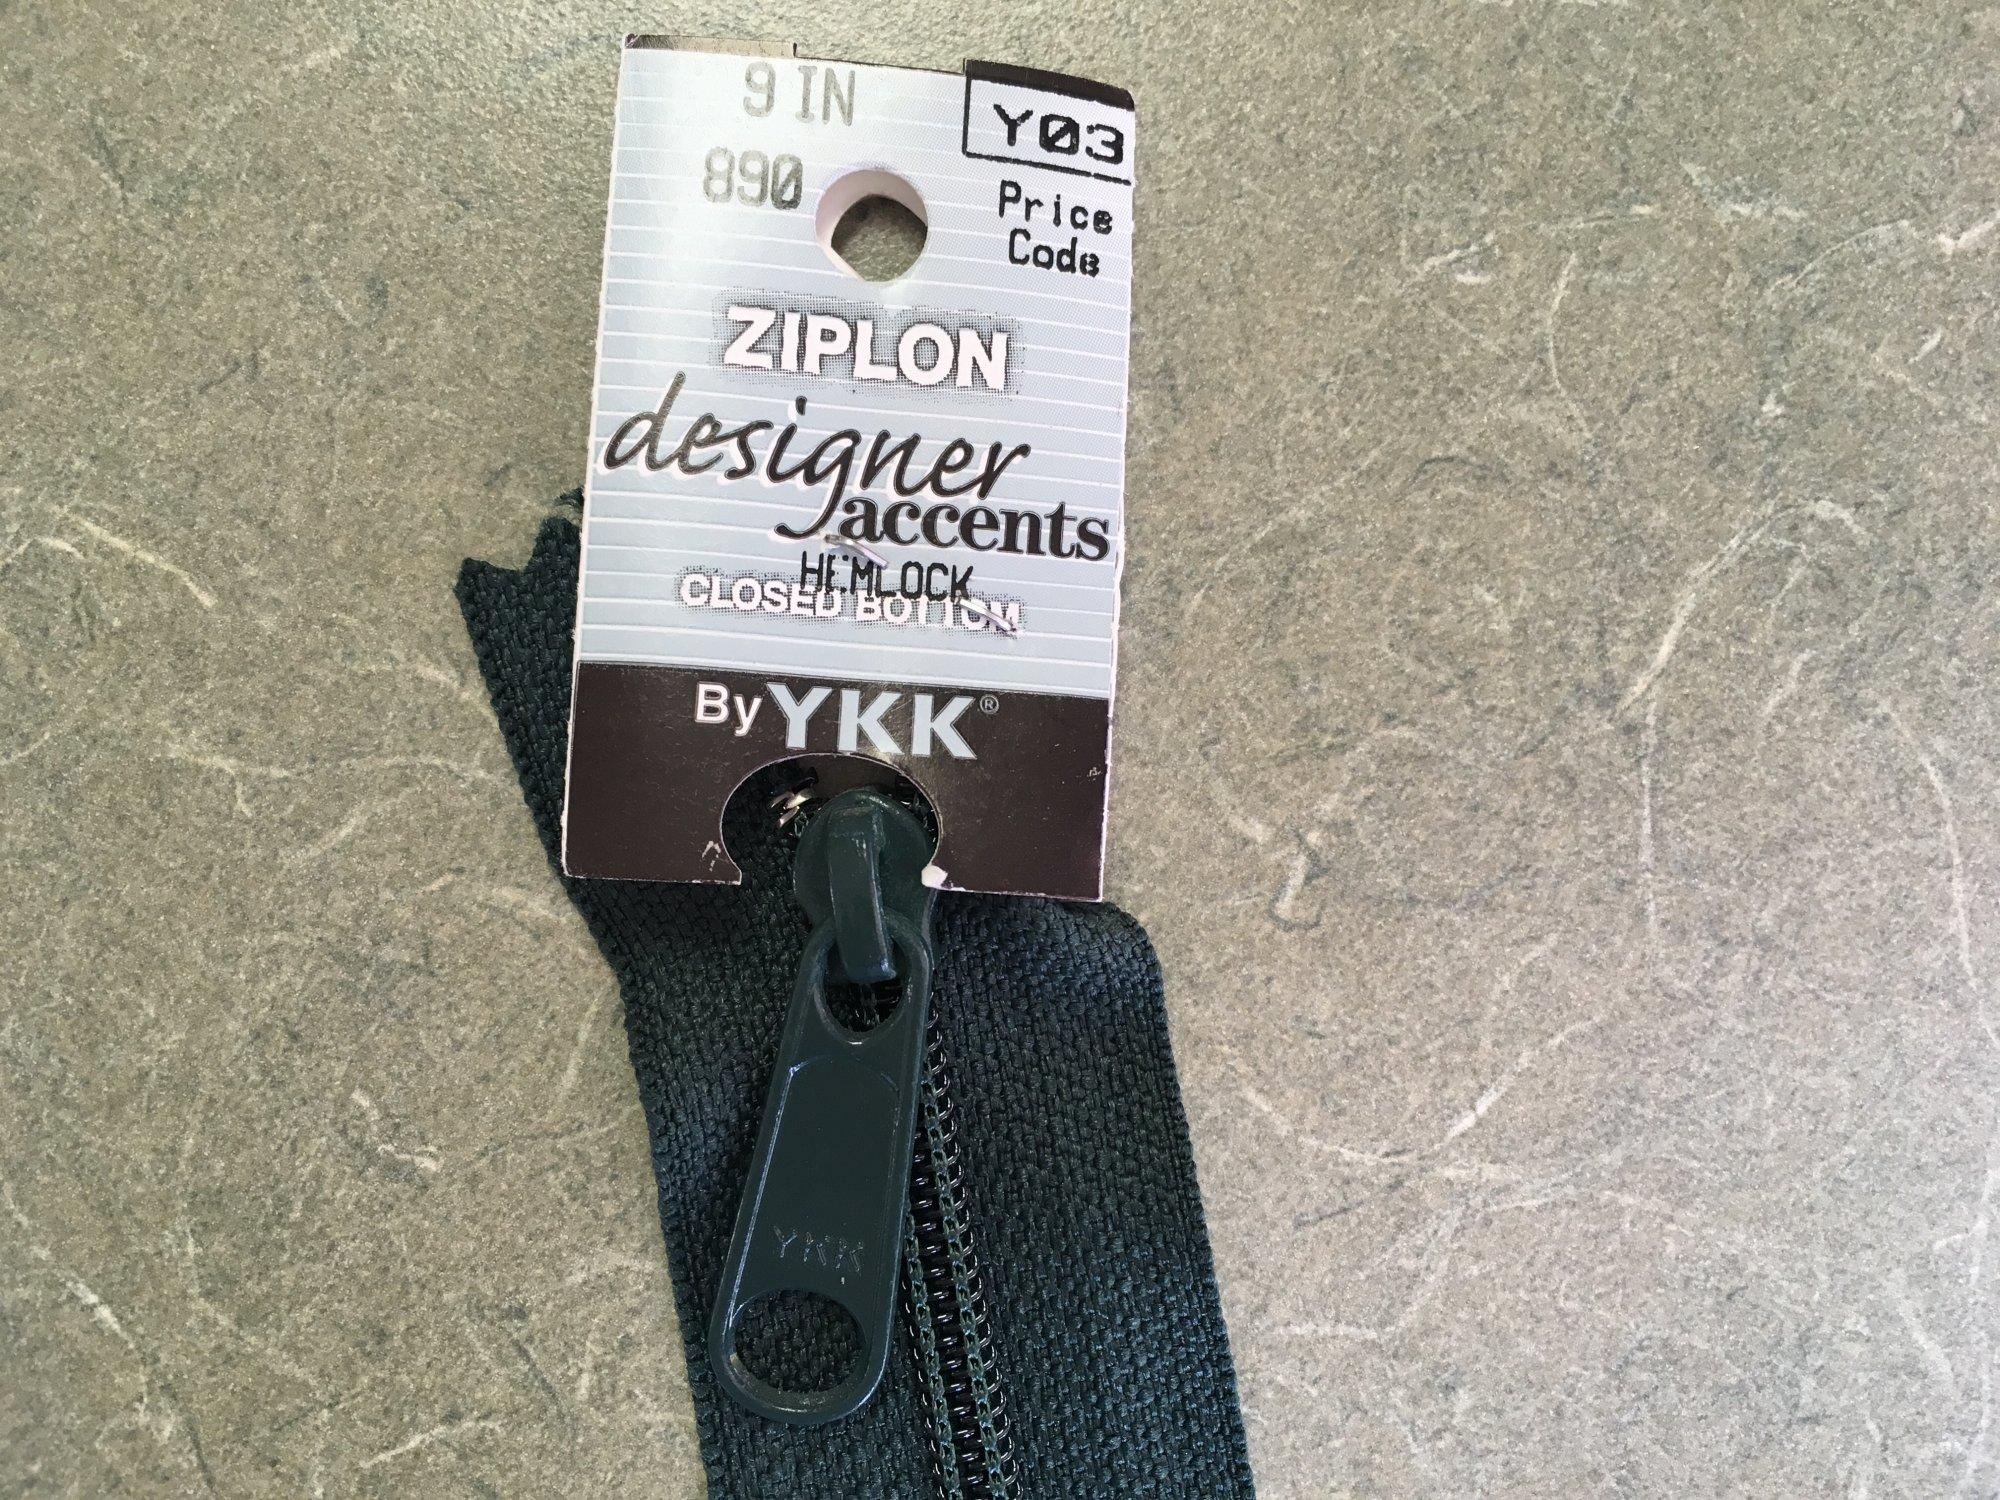 9 inch Hemlock Y03 Designer Accents Zipper